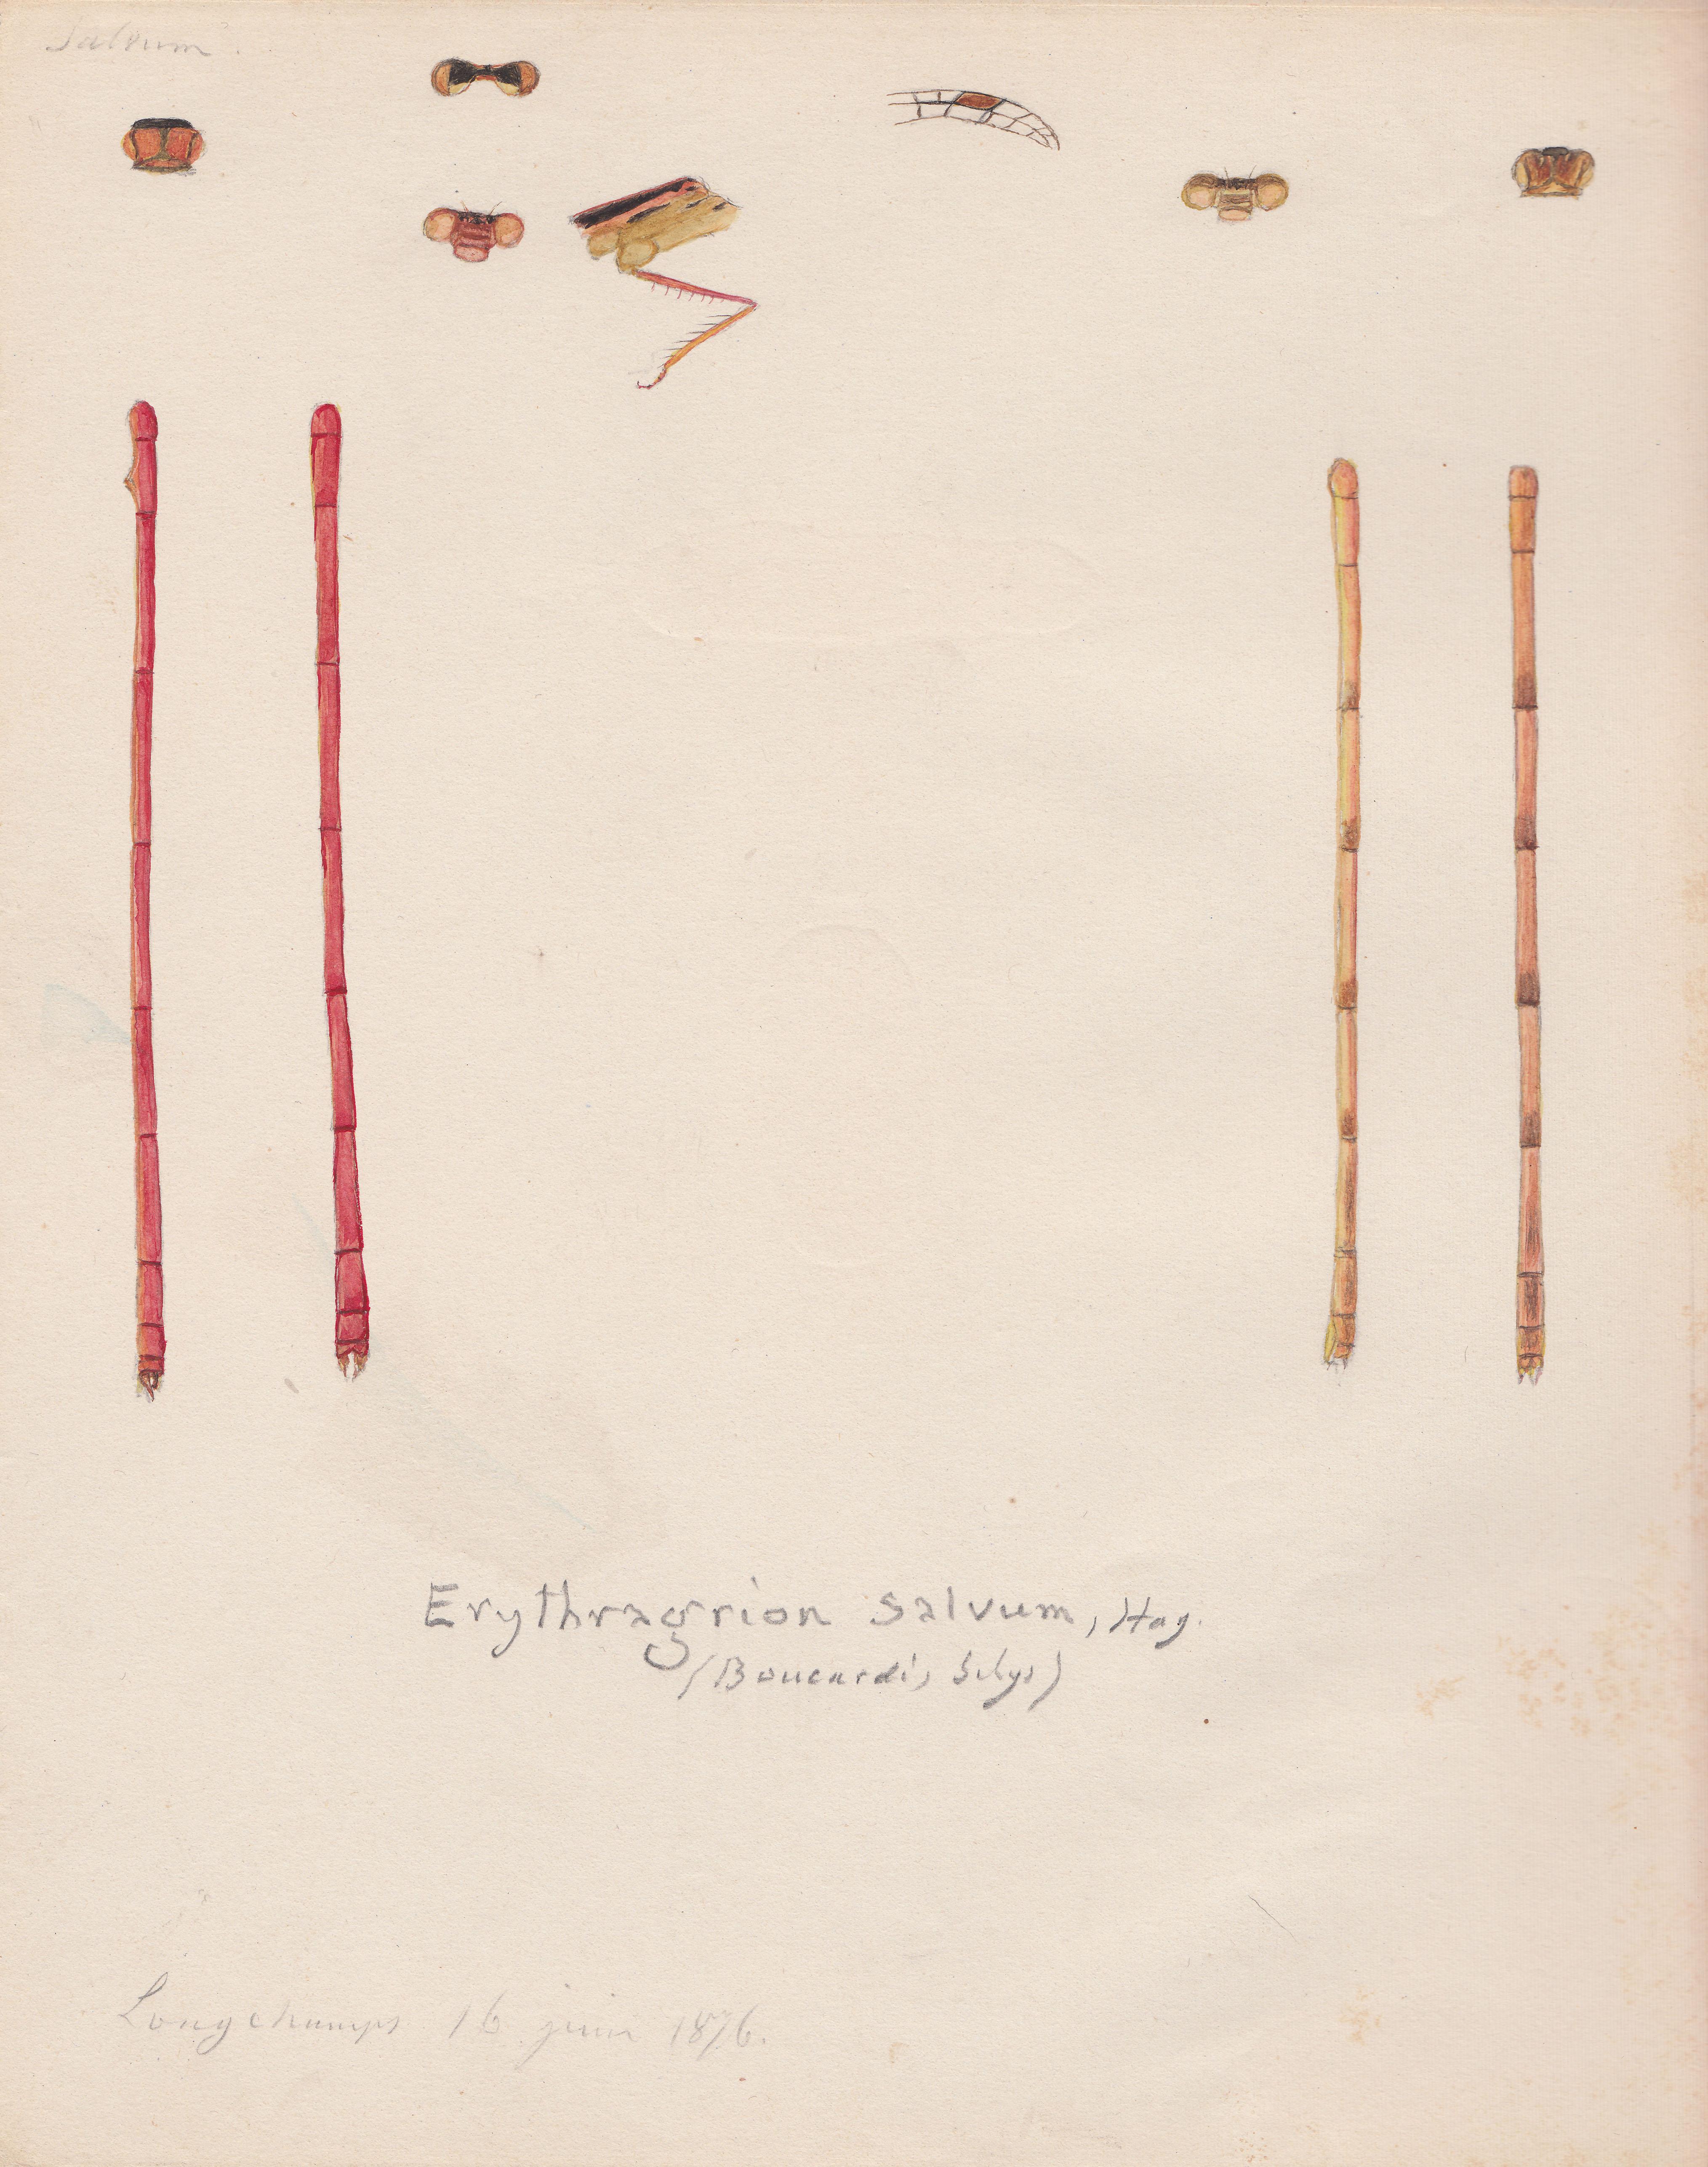 Erythragrion salvum.jpg